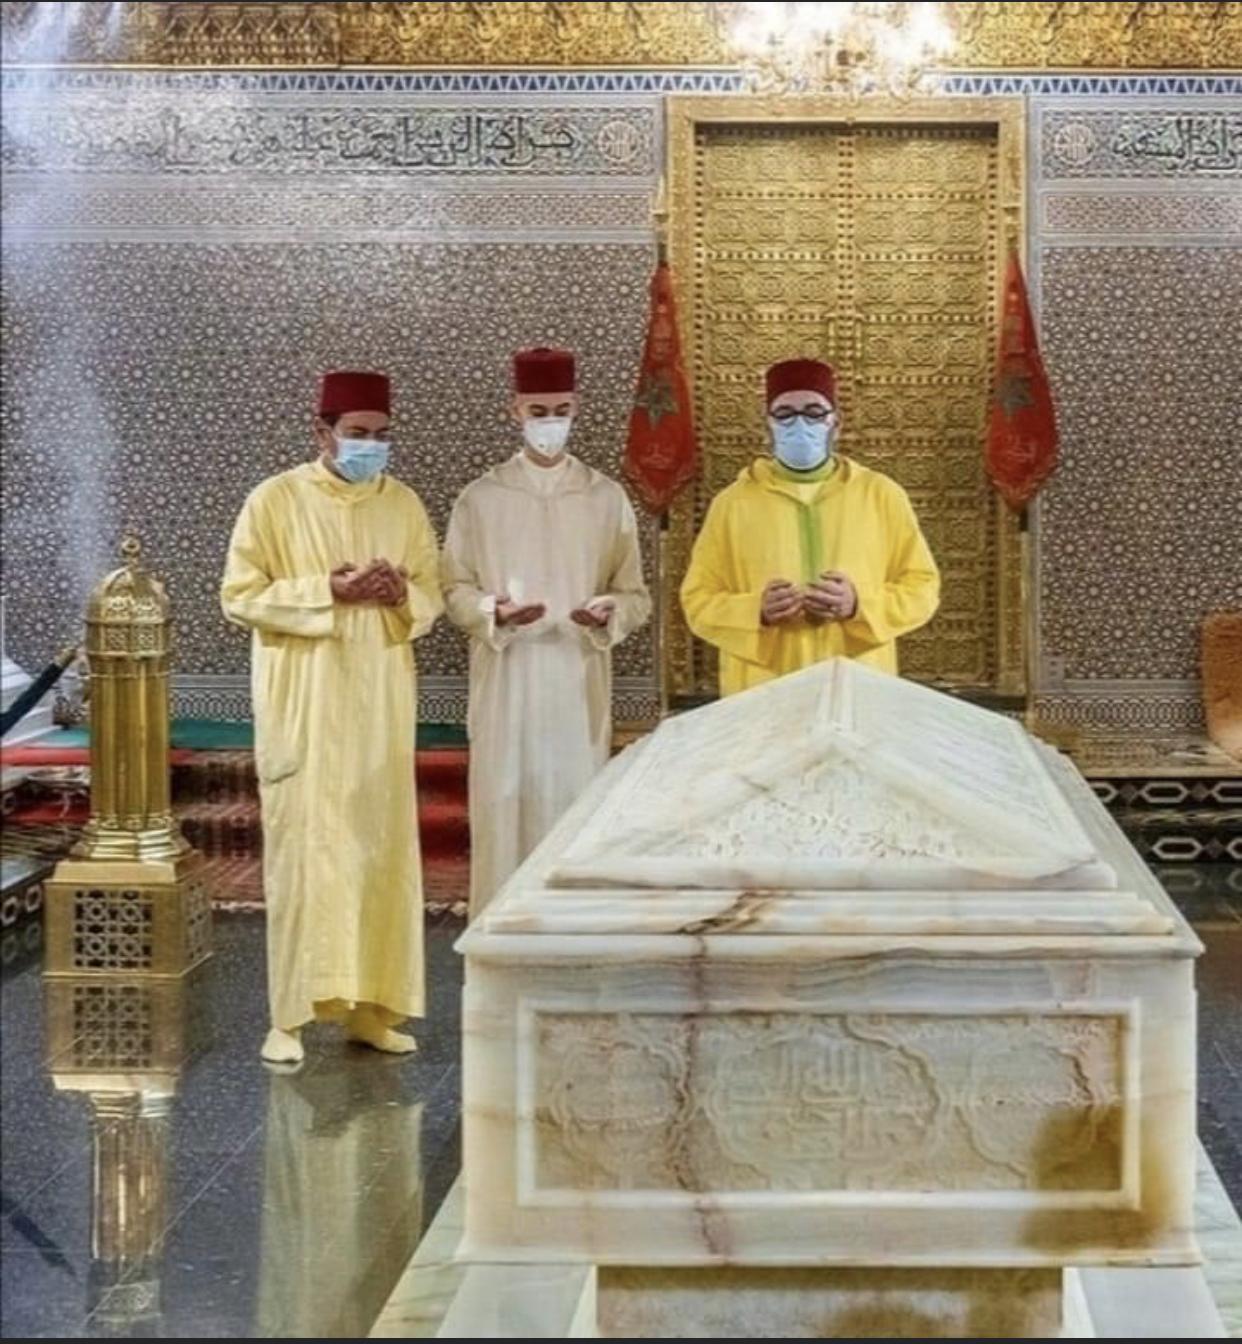 Feu SM Le Roi Mohammed V, un grand homme de principes